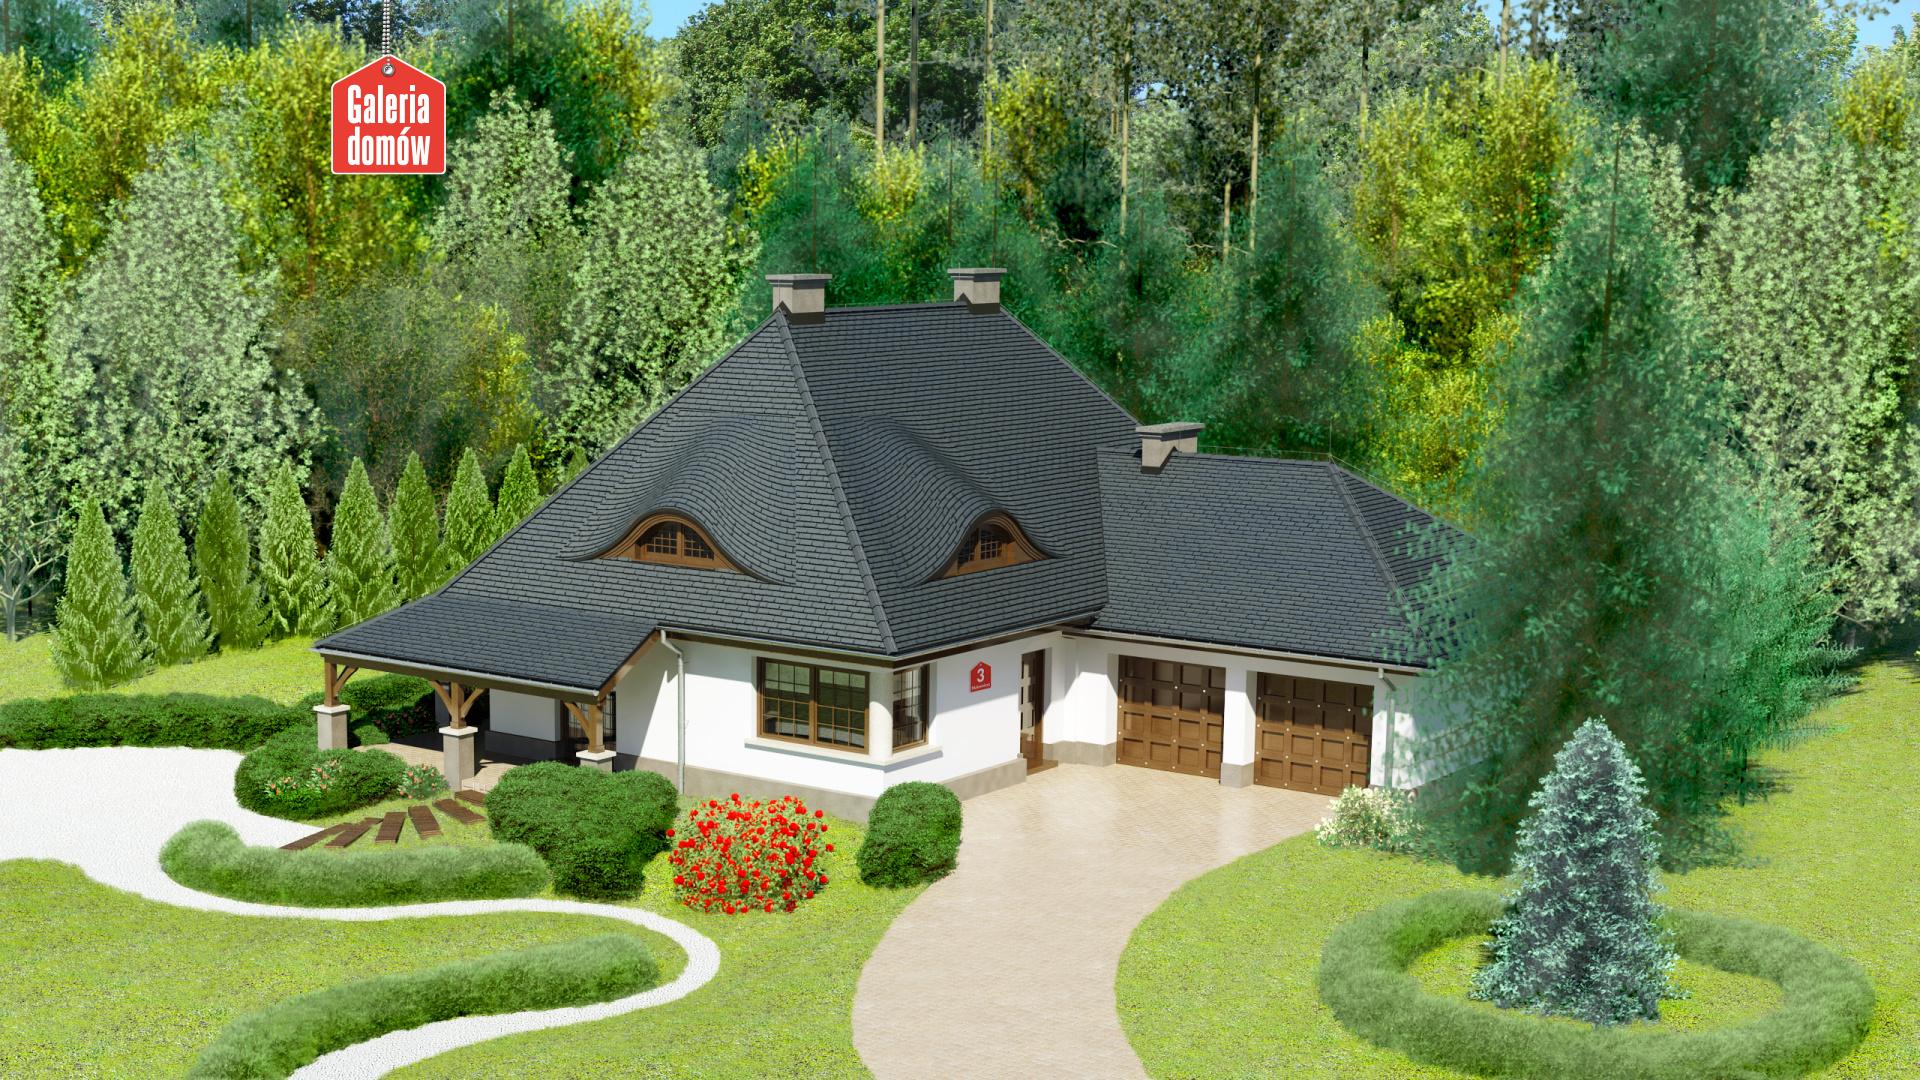 Dom przy Malowniczej 3 - zdjęcie projektu i wizualizacja